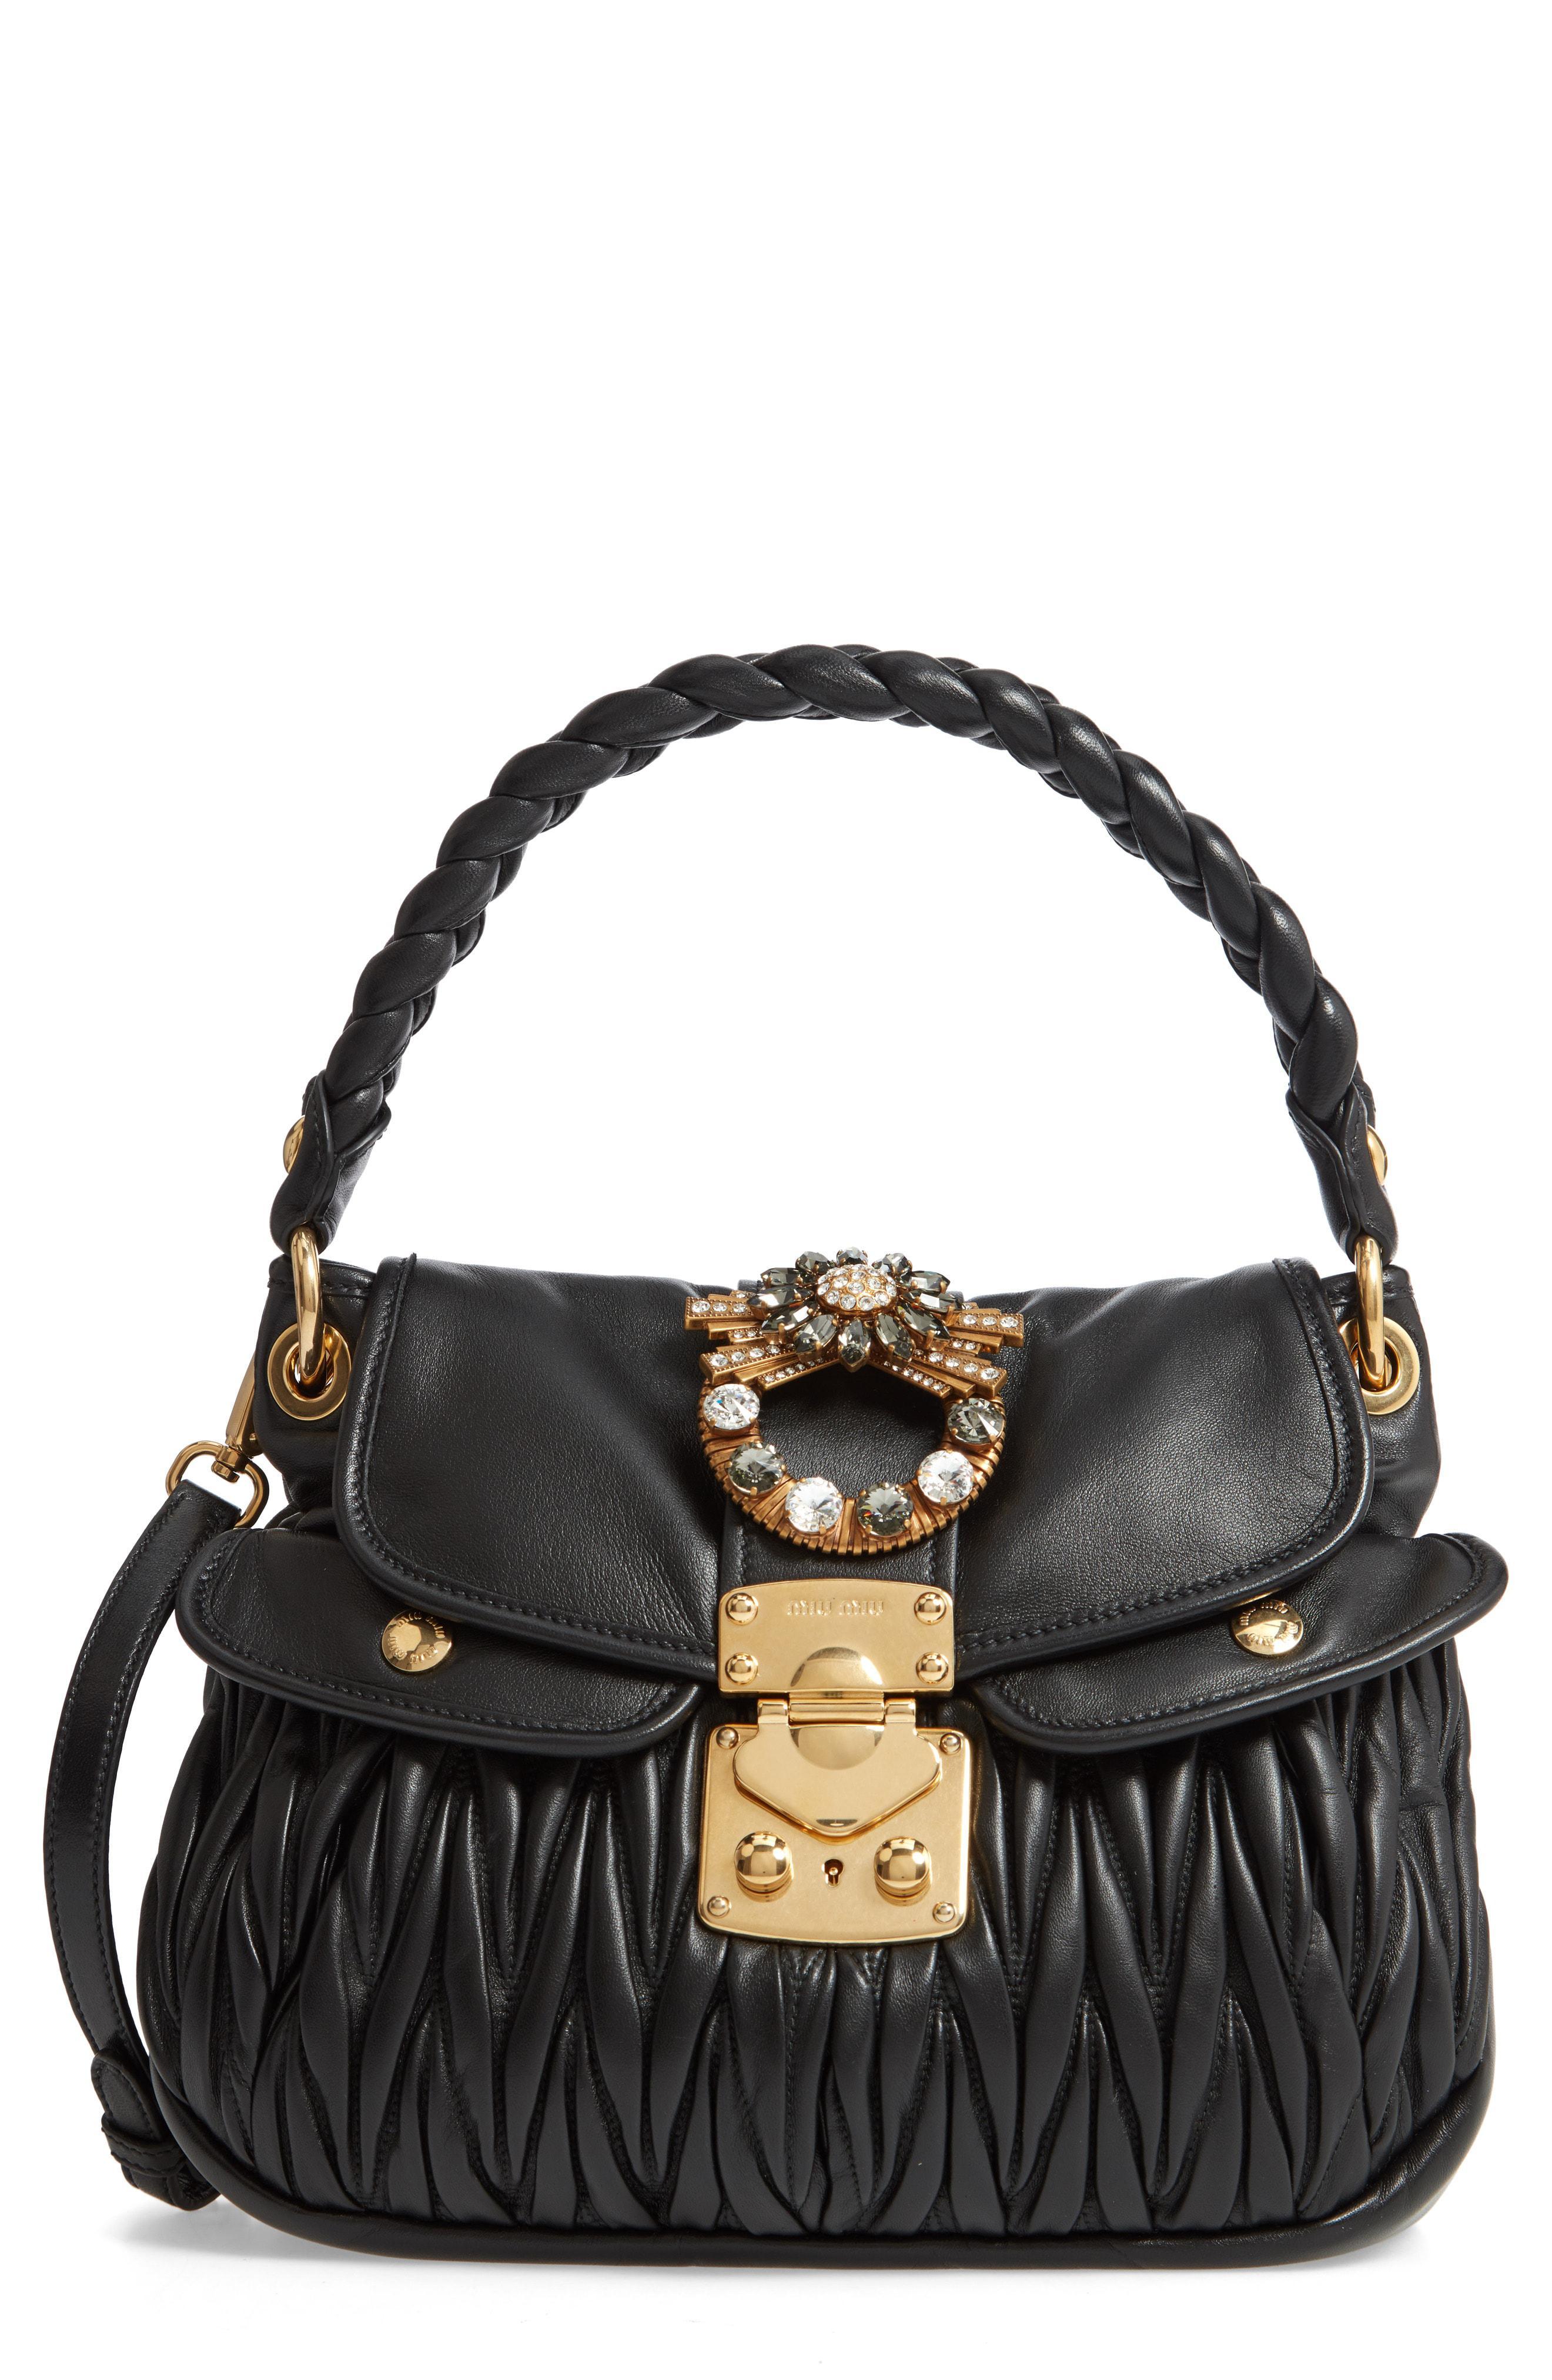 b6cfa152b20b Lyst - Miu Miu Matelasse Leather Shoulder Bag in Black